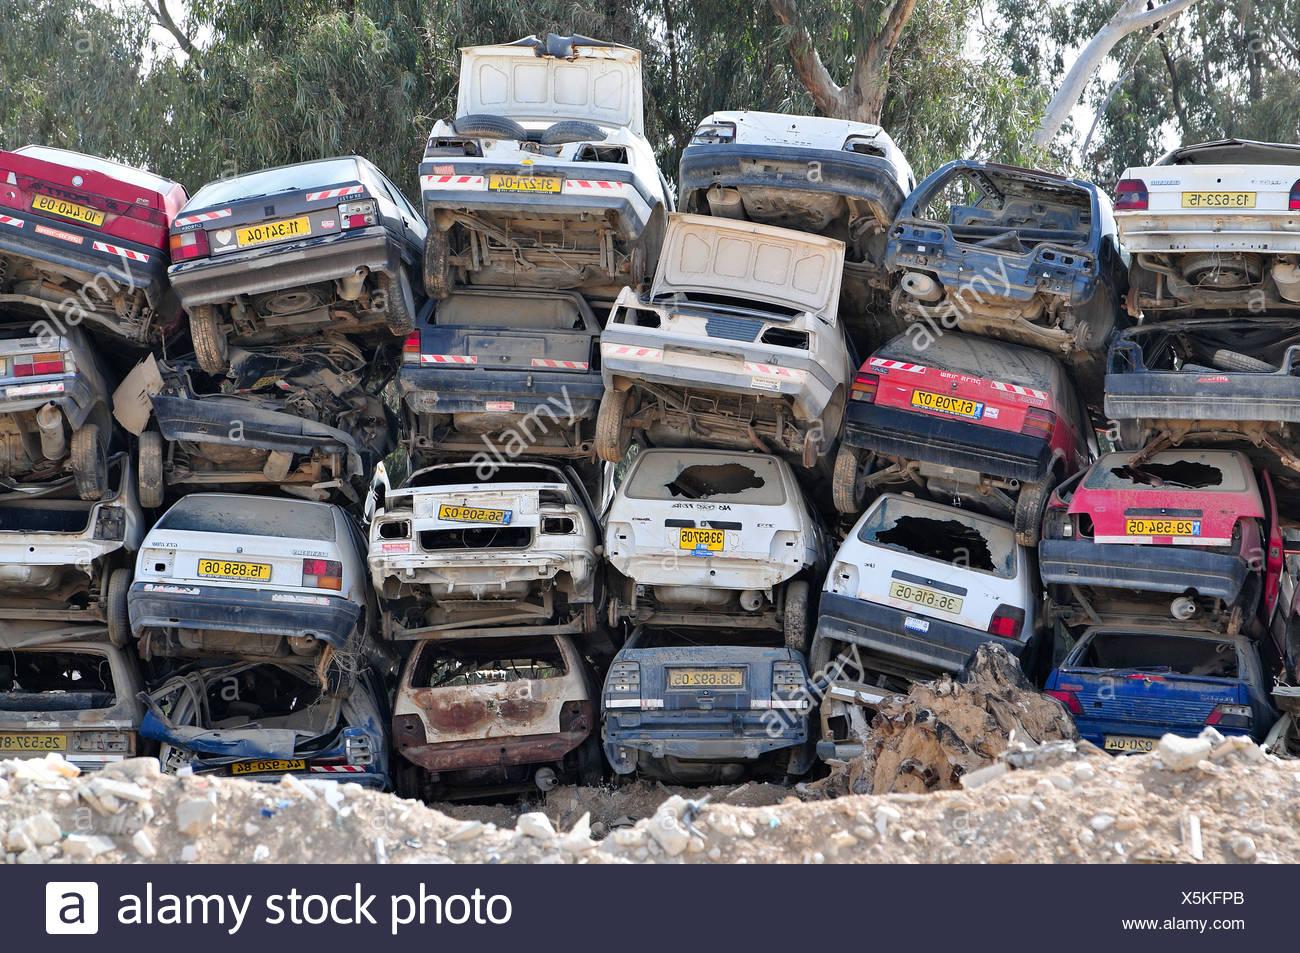 Scrapyard Car Stock Photos & Scrapyard Car Stock Images - Alamy